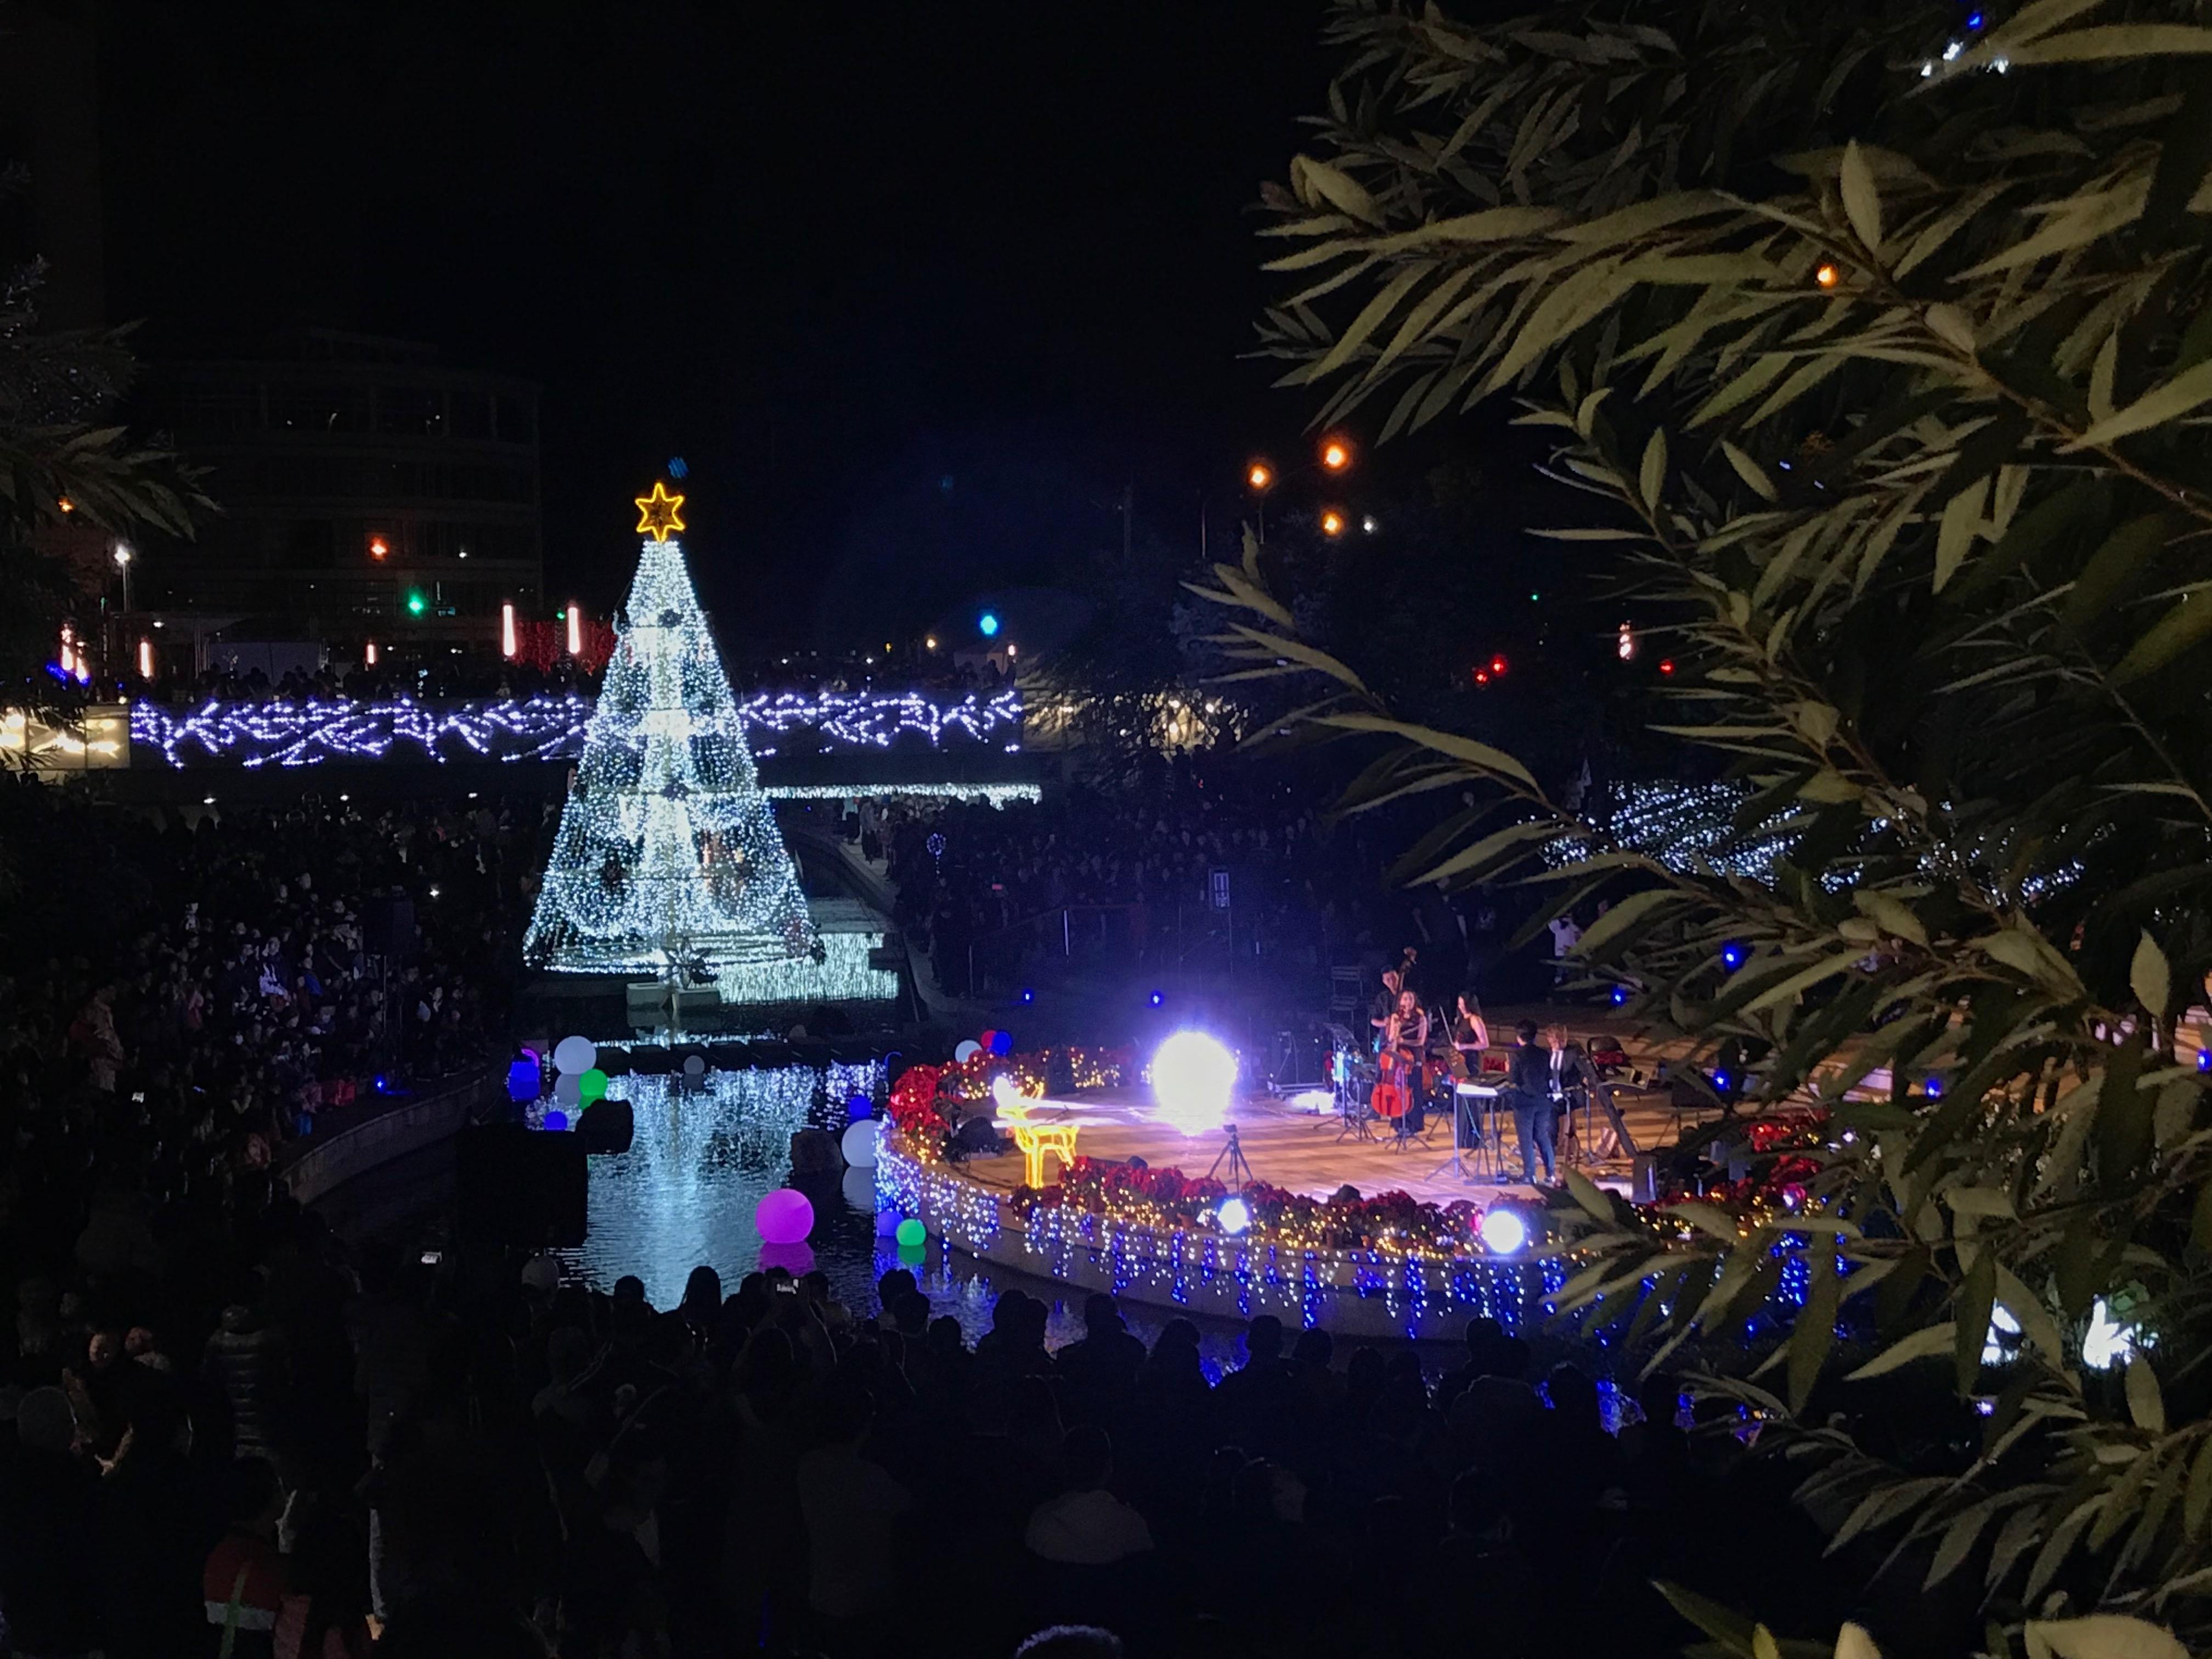 台中 柳川 聖誕樹